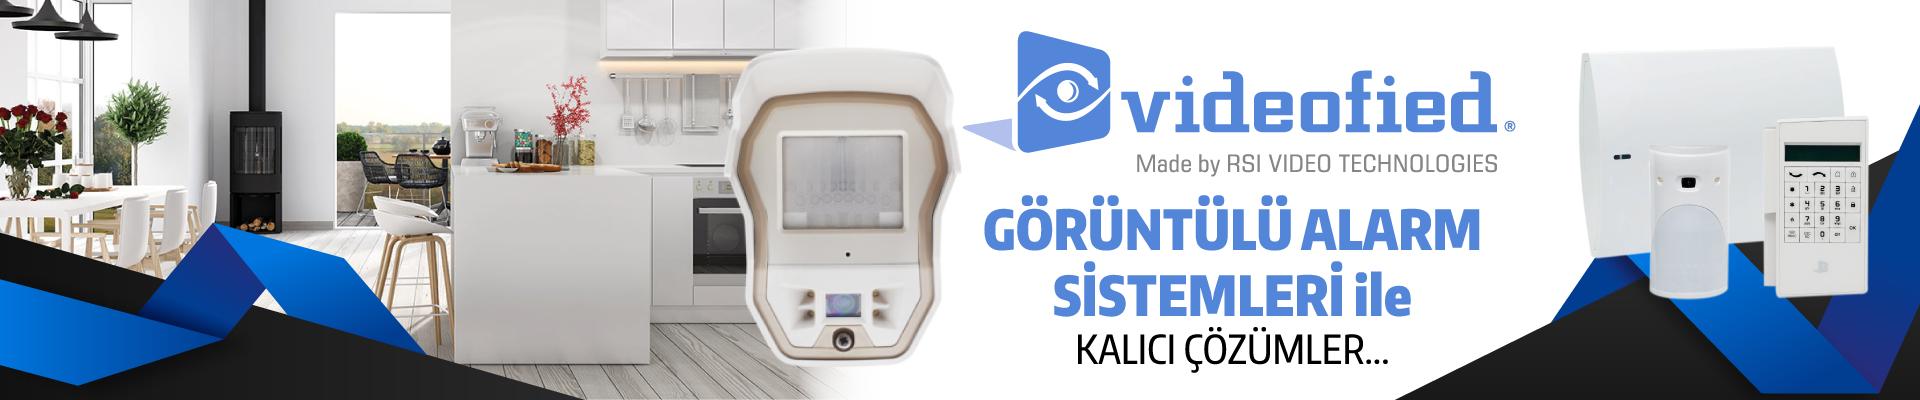 Görüntülü Alarm Sistemleri ile Kalıcı Çözümler !